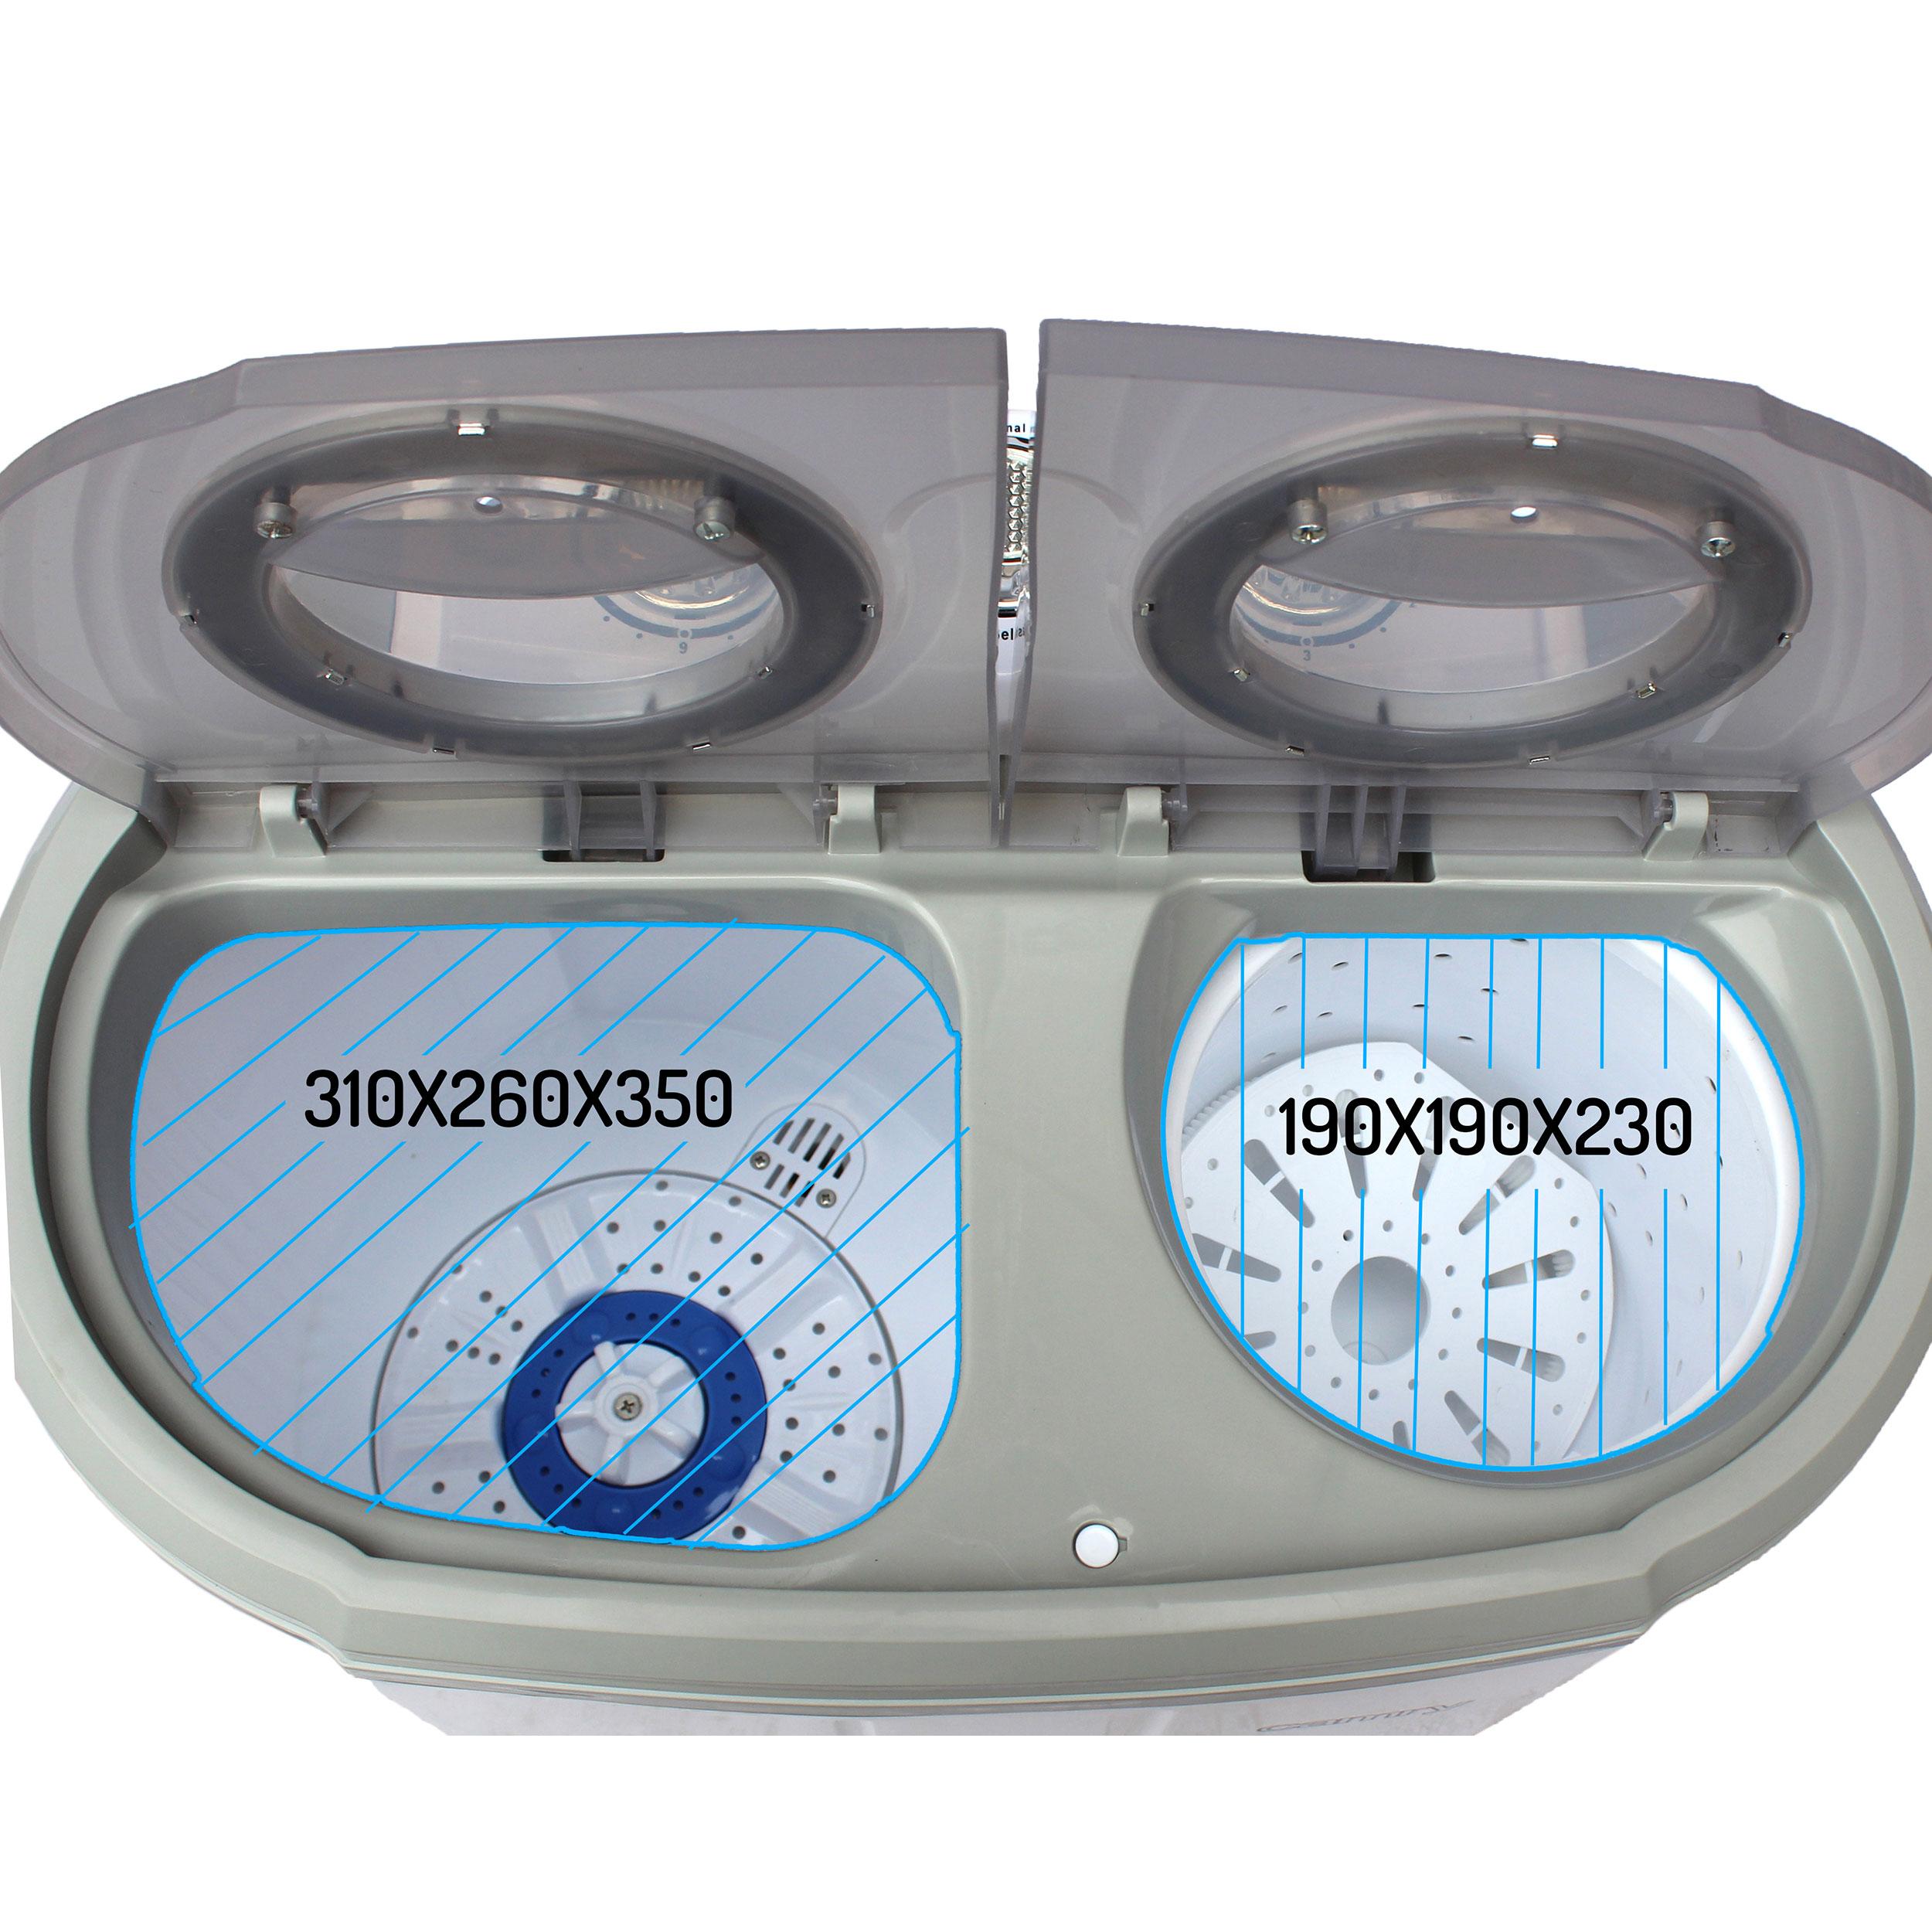 Camry CR8052 - Mini Lavadora Centrifugadora Portátil, 3Kg lavado ropa, 1Kg Centrifugado